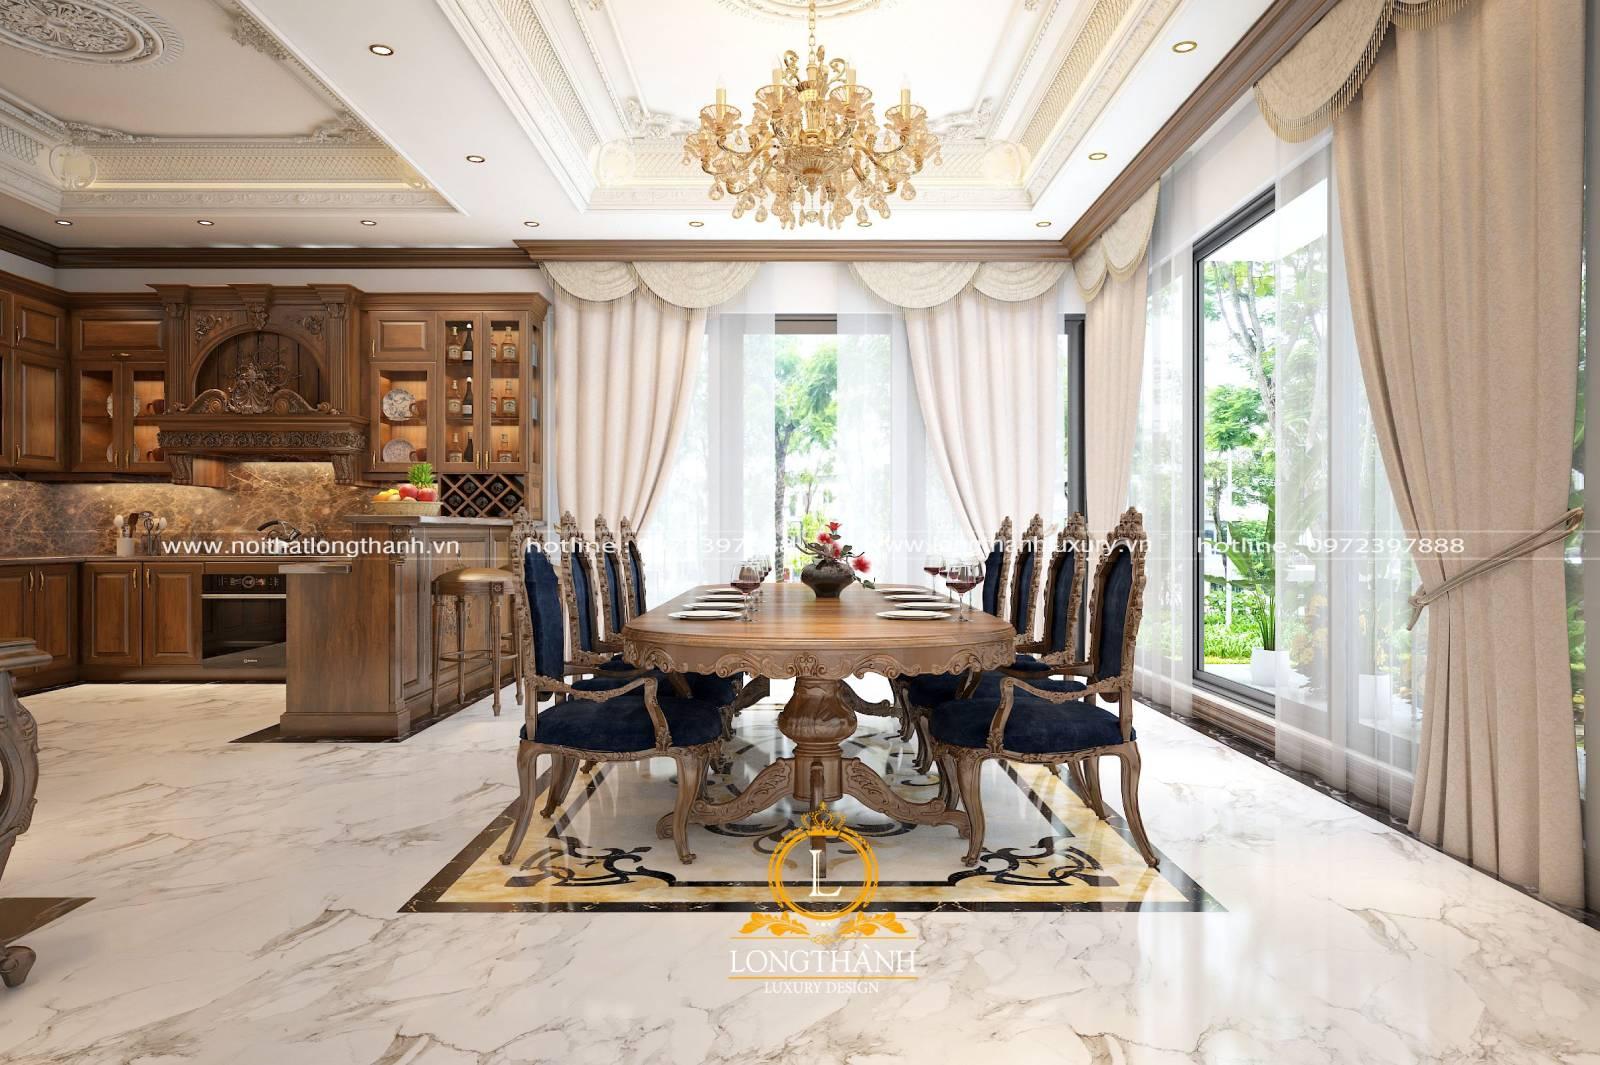 Mẫu tủ bếp gỗ Gõ đồng bộ với tổng thể nội thất trong nhà